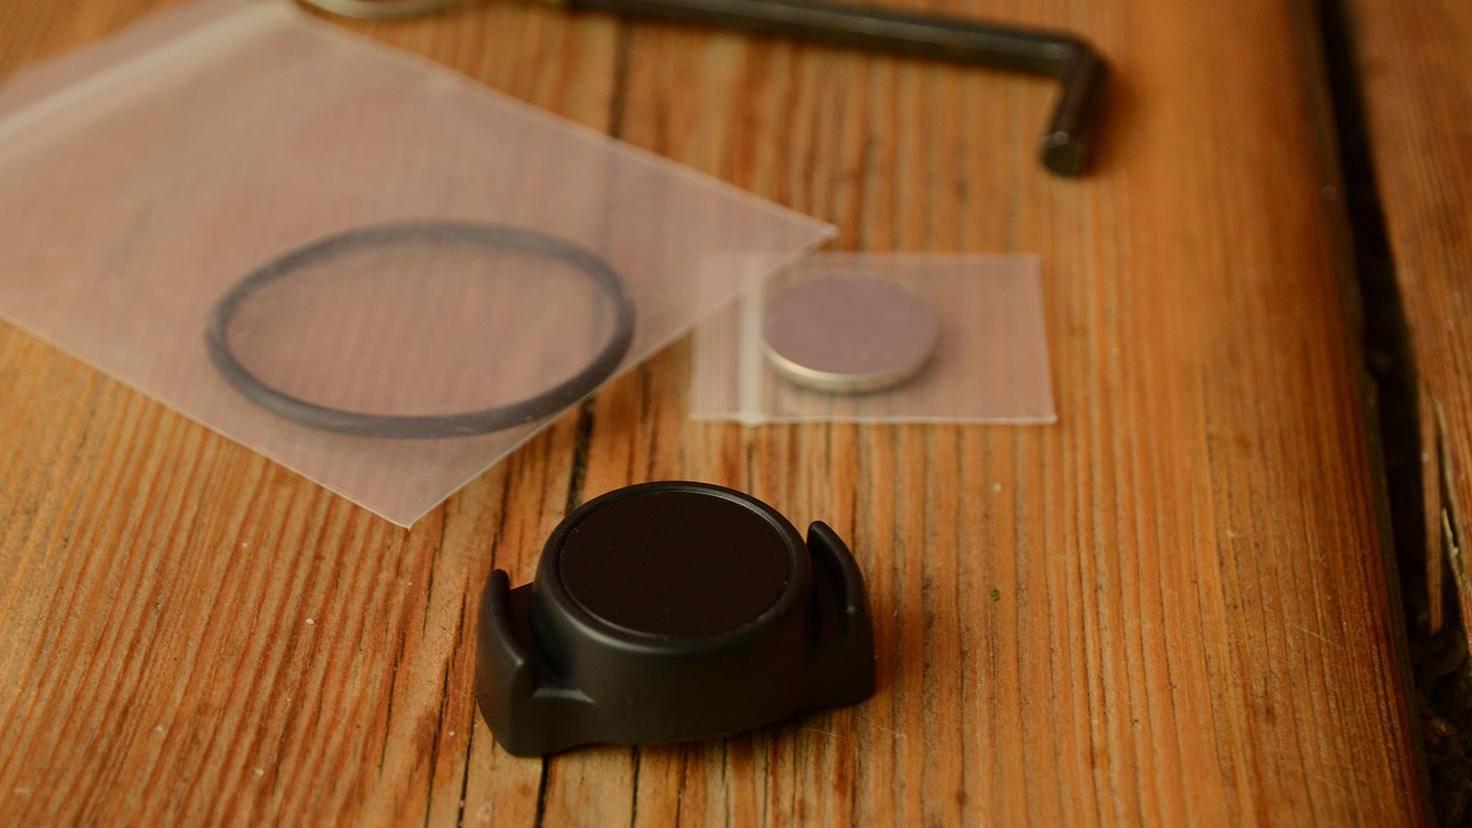 Dieser kleine Geschwindigkeitssensor wird an der Nabe des Vorderrads befestigt und per Bluetooth eingebunden.